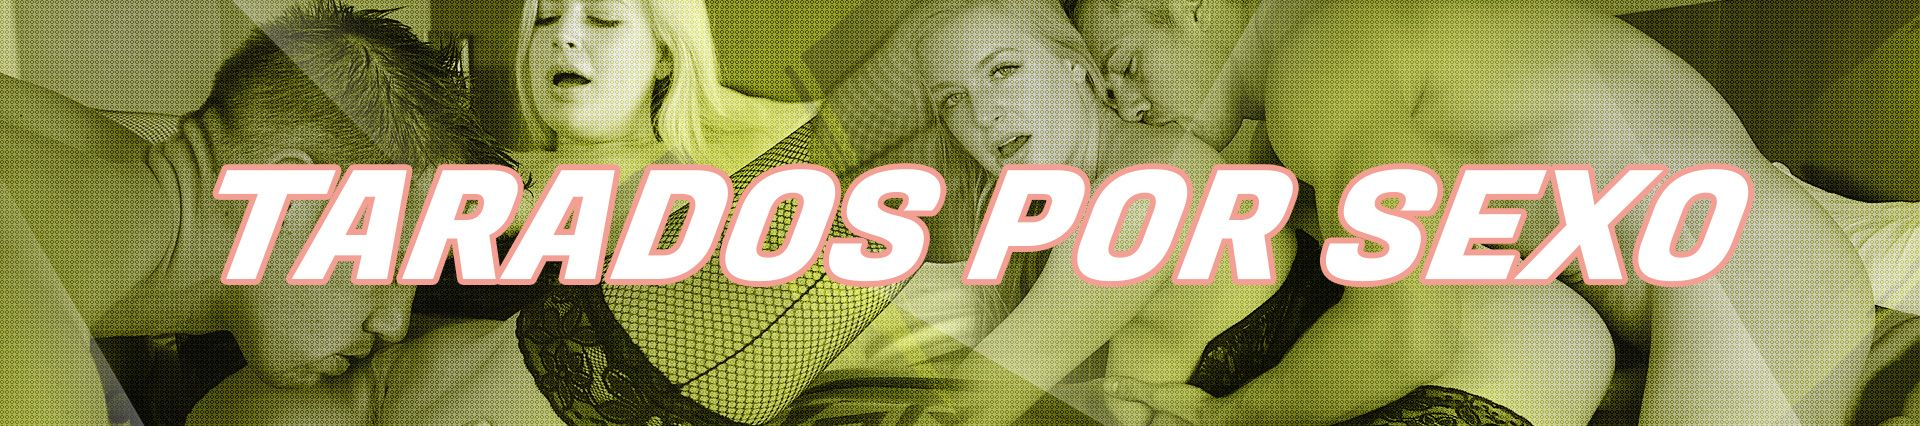 Tarados por Sexo - Videos Porno - Sexo Gratis